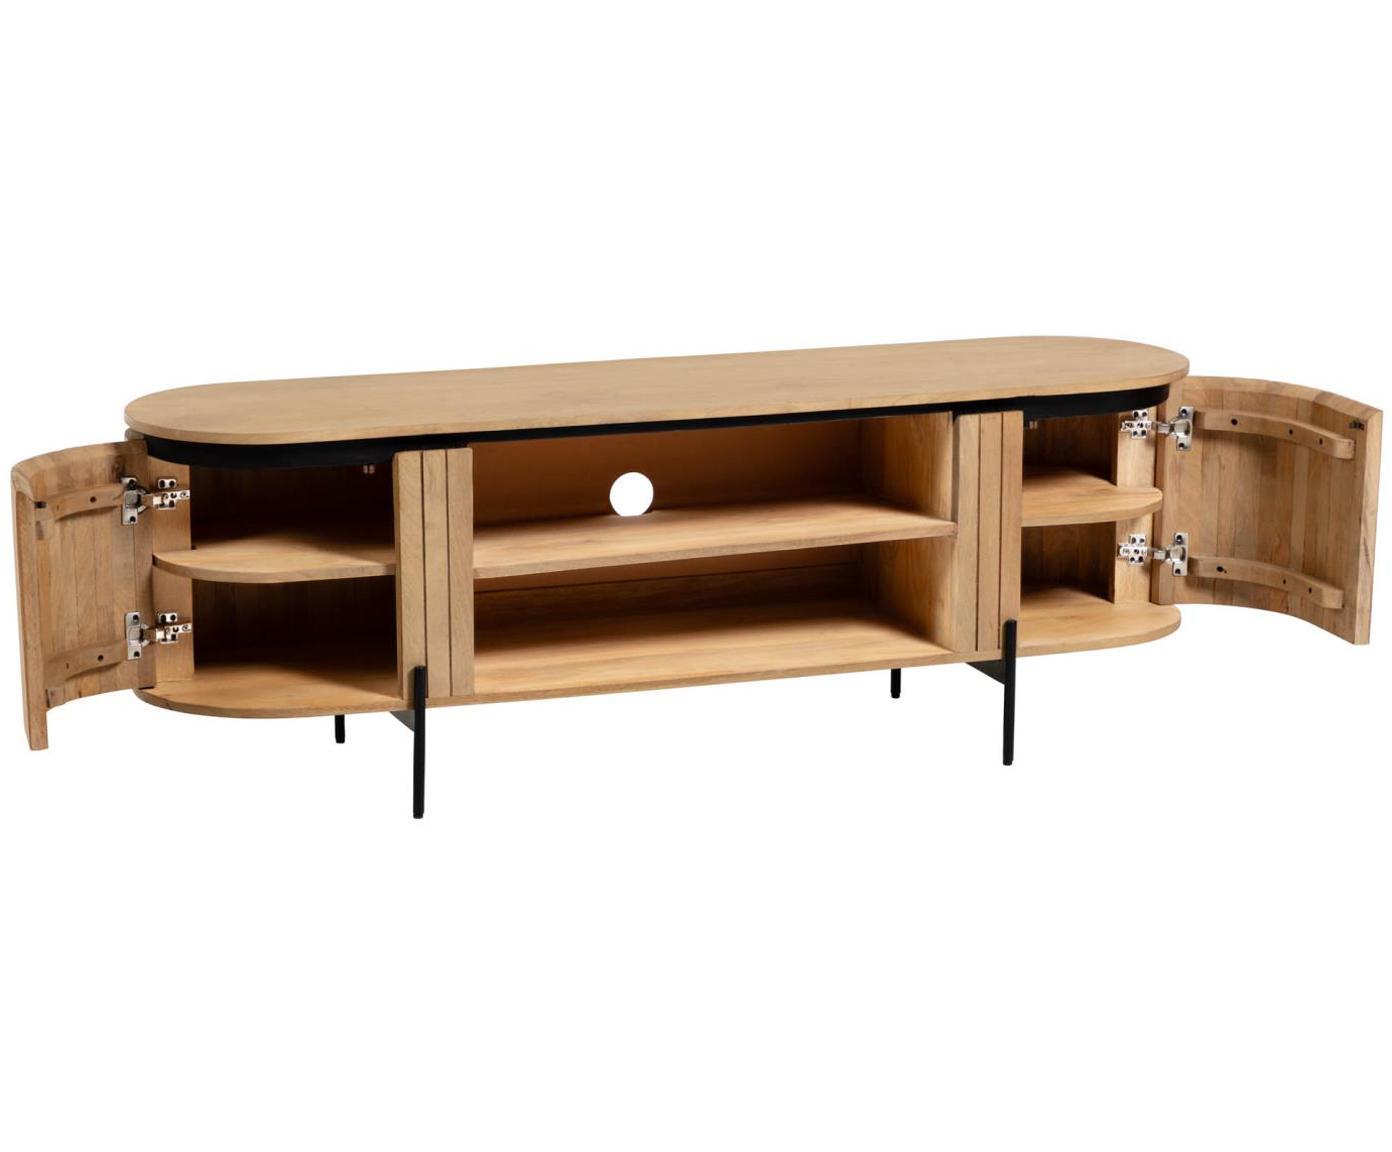 Tv-meubel Licia van hout met deuren, Hout, metaal, Beige, zwart, 160 x 56 cm